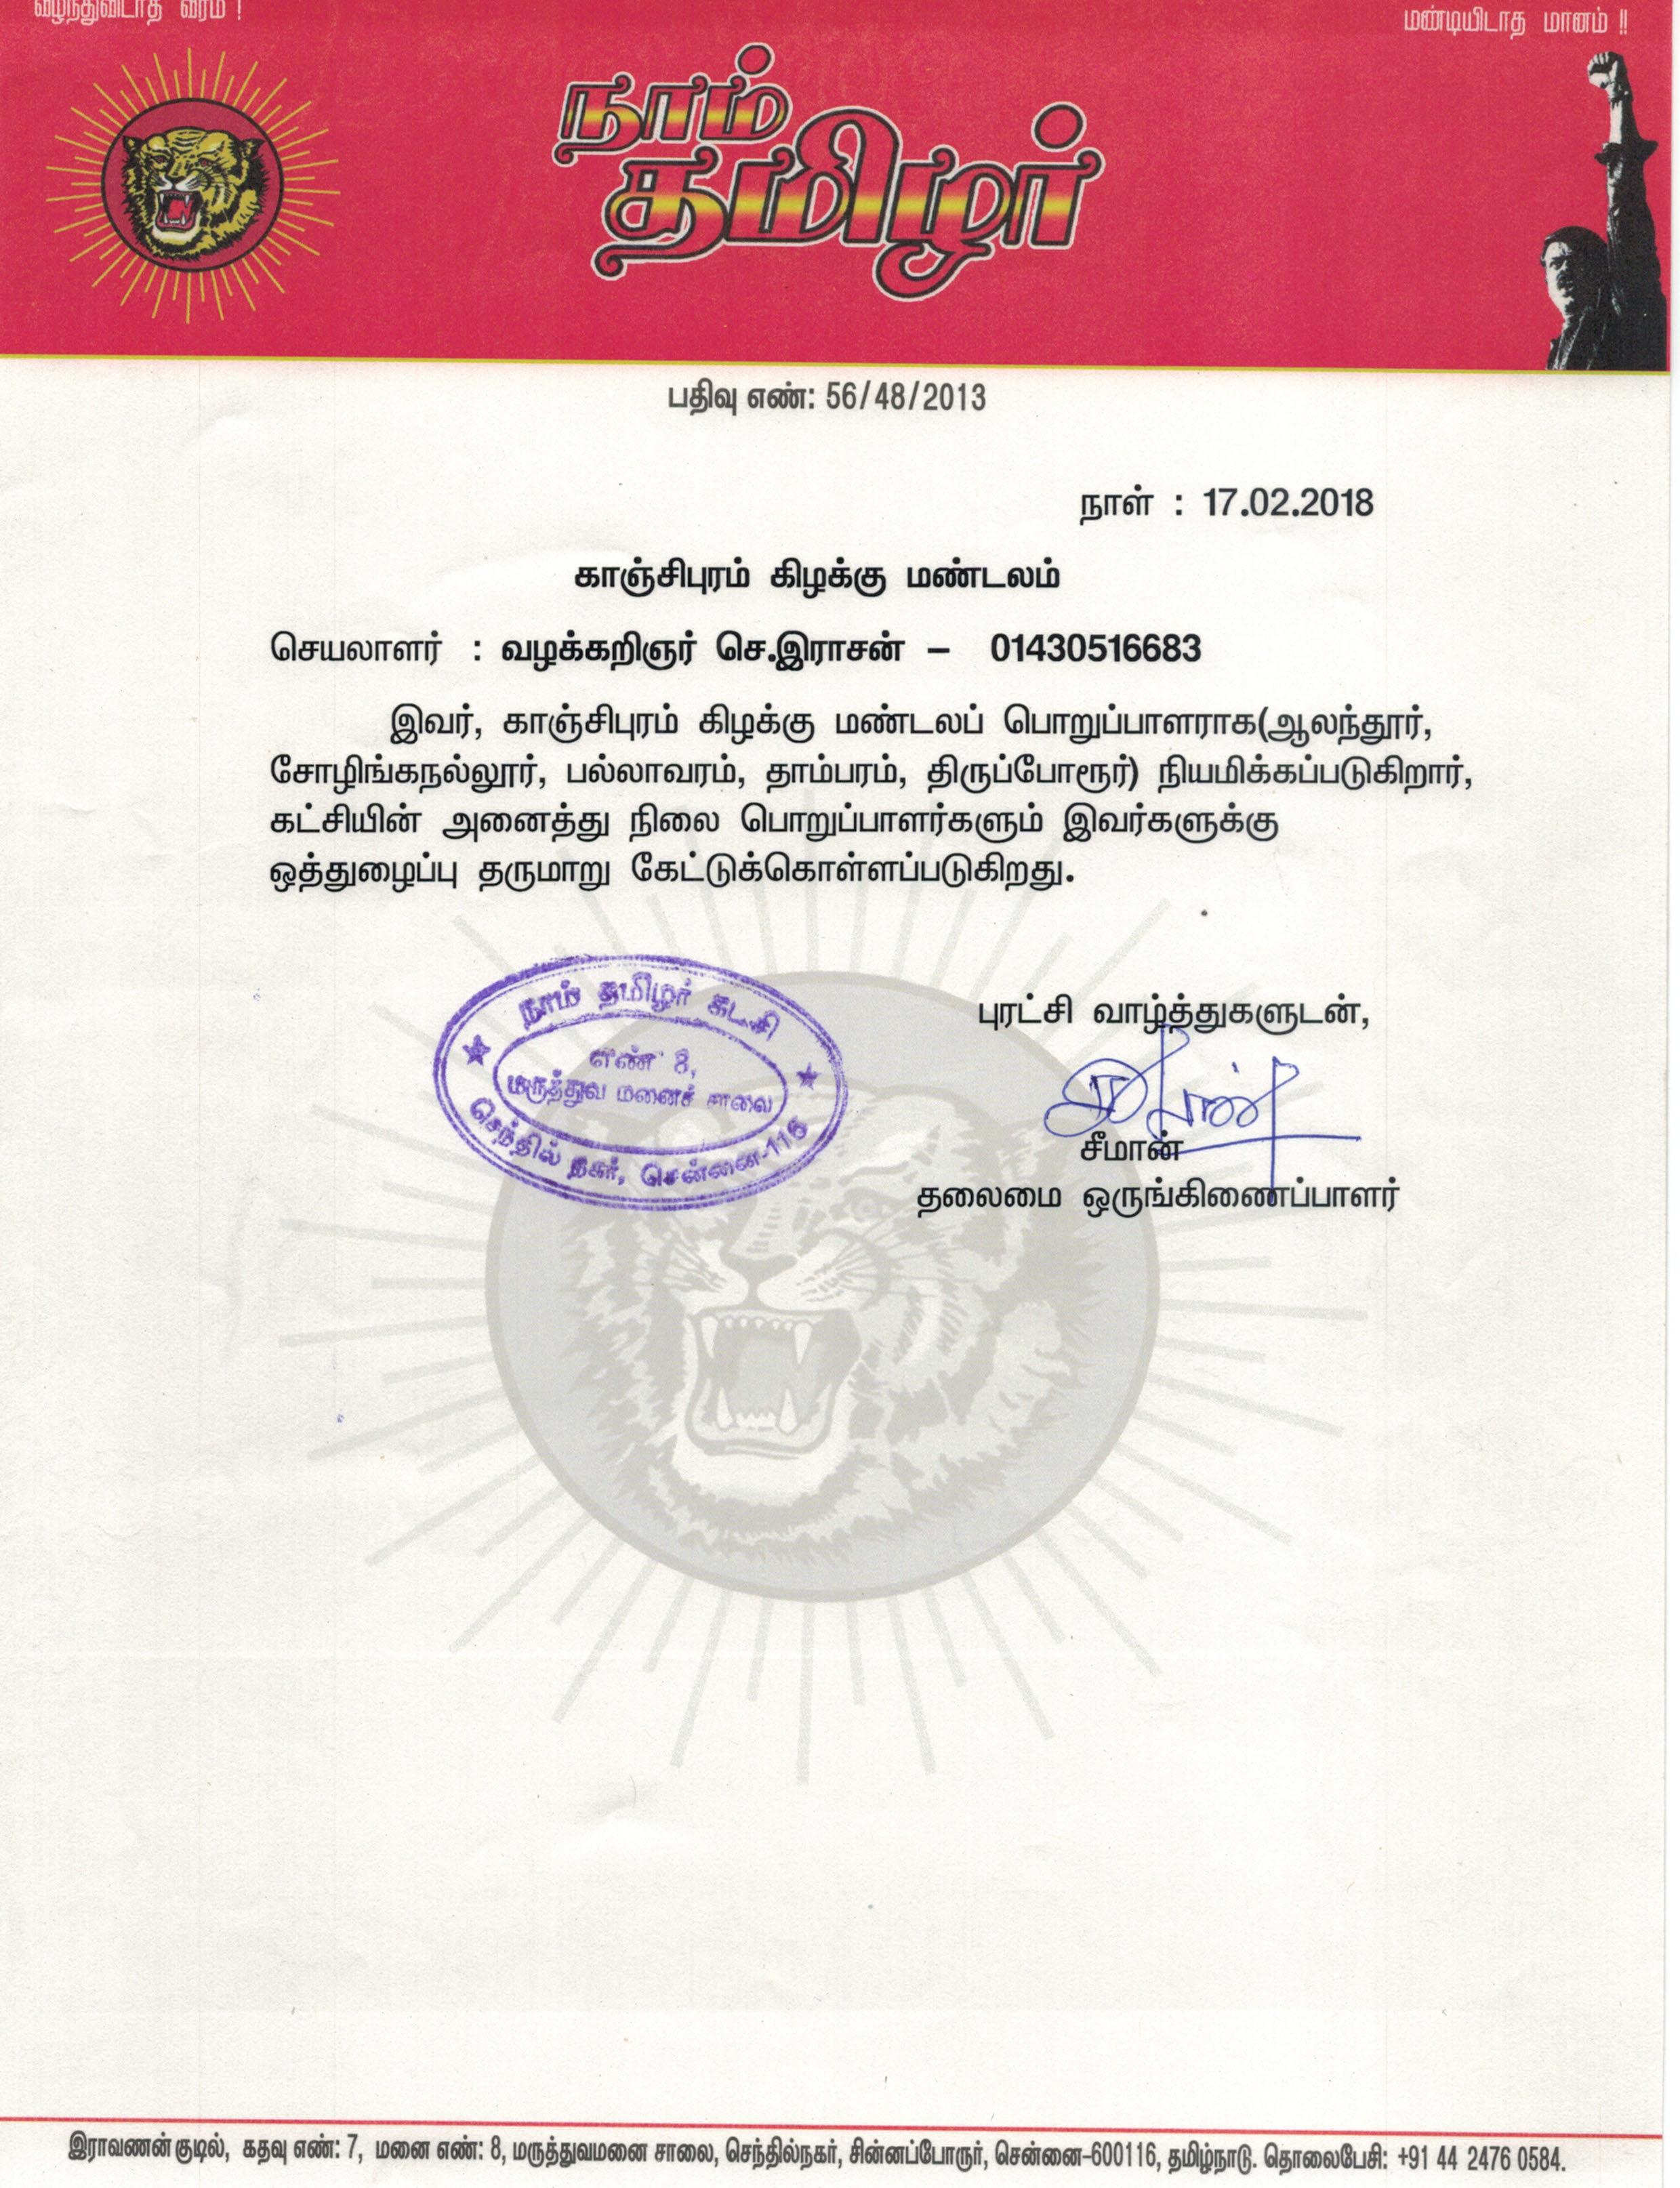 மாவட்டப் பொறுப்பாளர்களுடன் சீமான் சந்திப்பு மற்றும் புதிய நிர்வாகிகள் நியமனம் – (காஞ்சிபுரம் : கிழக்கு மண்டலம் ) seeman announced kanjipuram east naam tamilar katchi authorities 2018